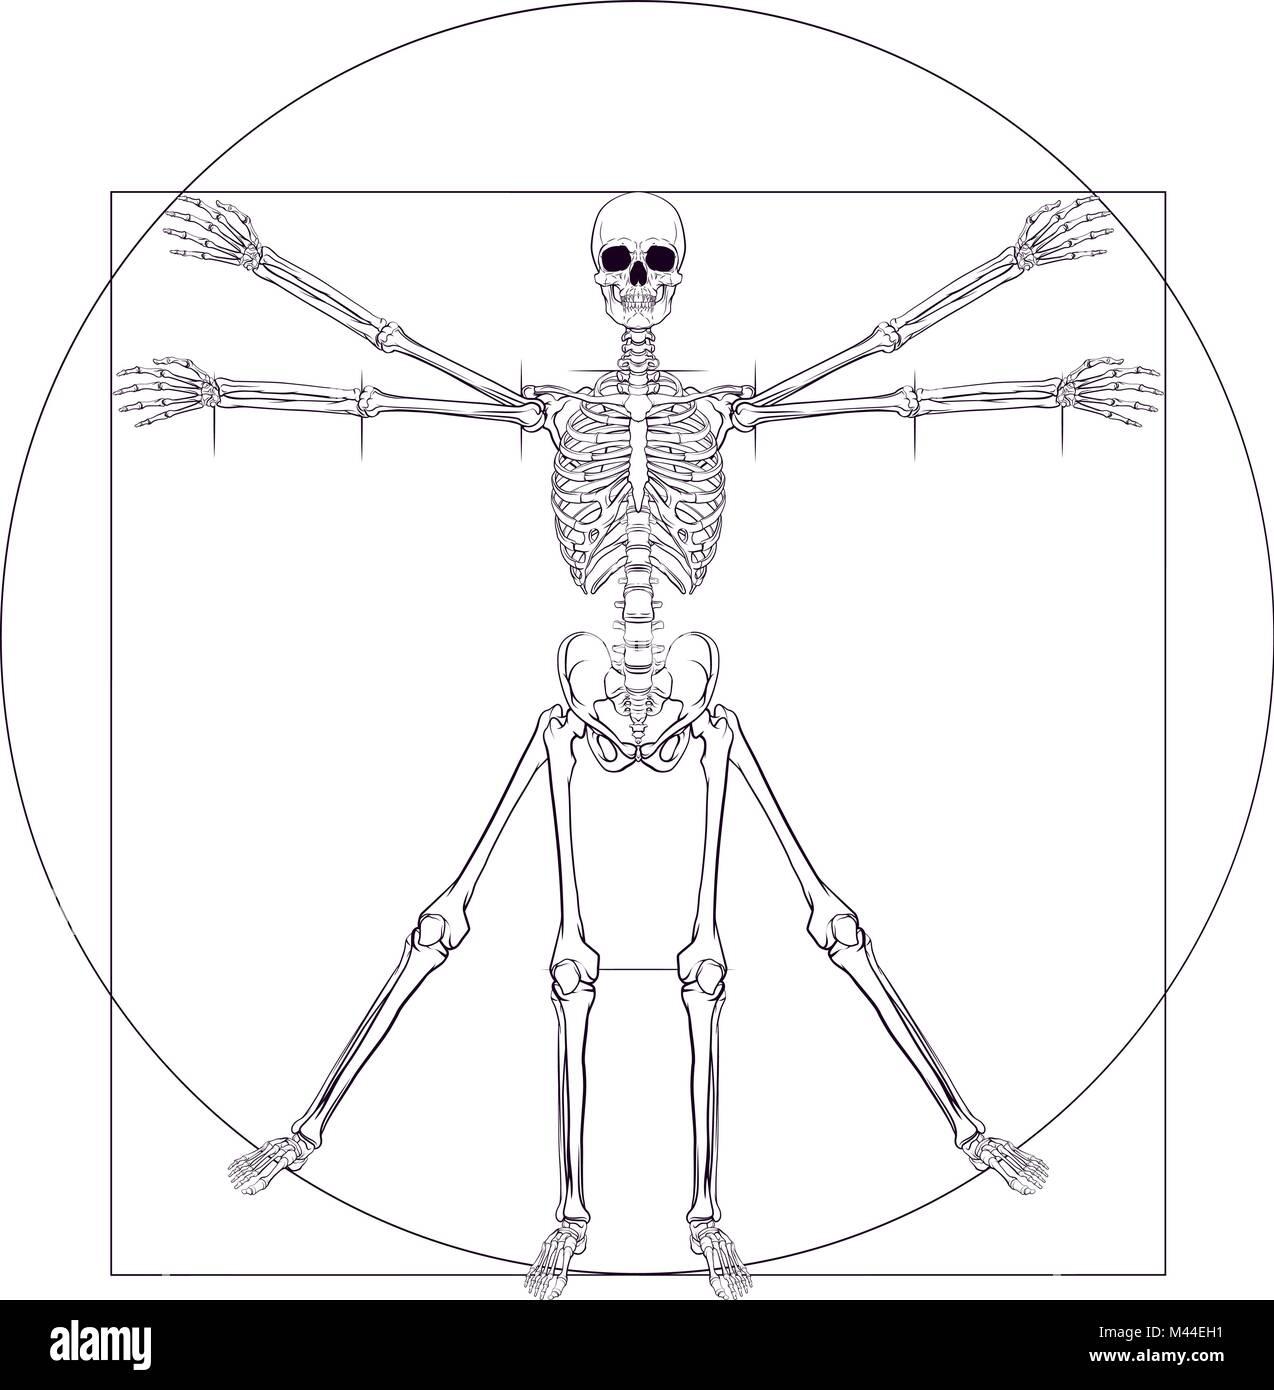 Großzügig Leonardo Menschliche Anatomie Ideen - Anatomie Ideen ...